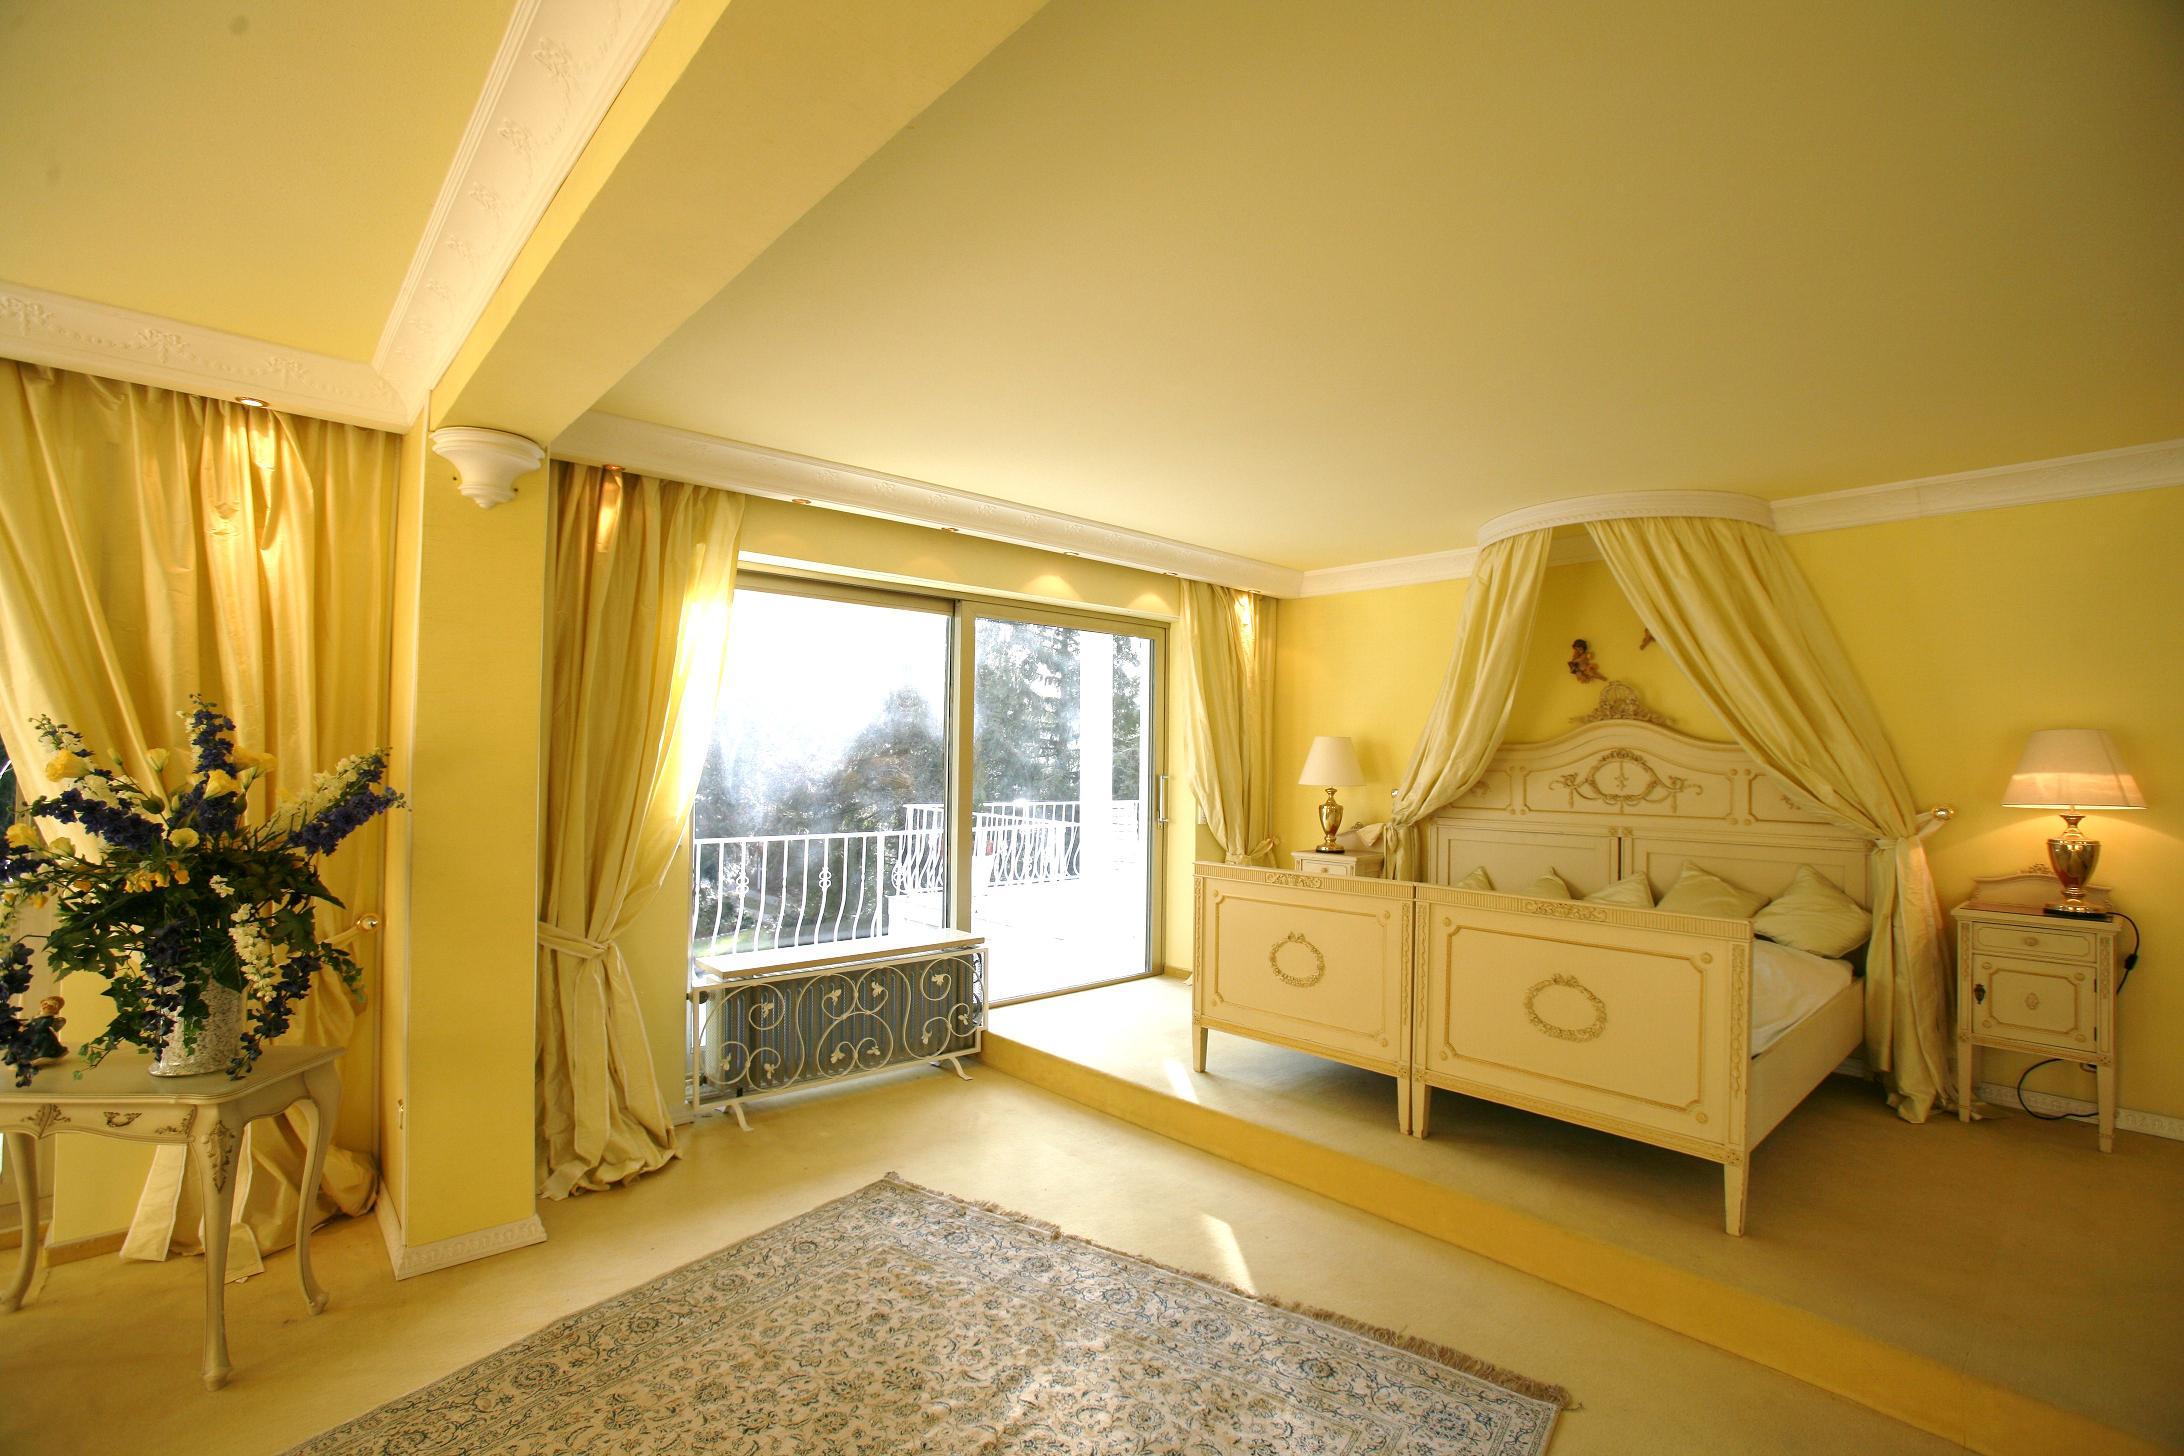 Фото №3 квартиры в Мюнхен за 3.500.000  евро евро